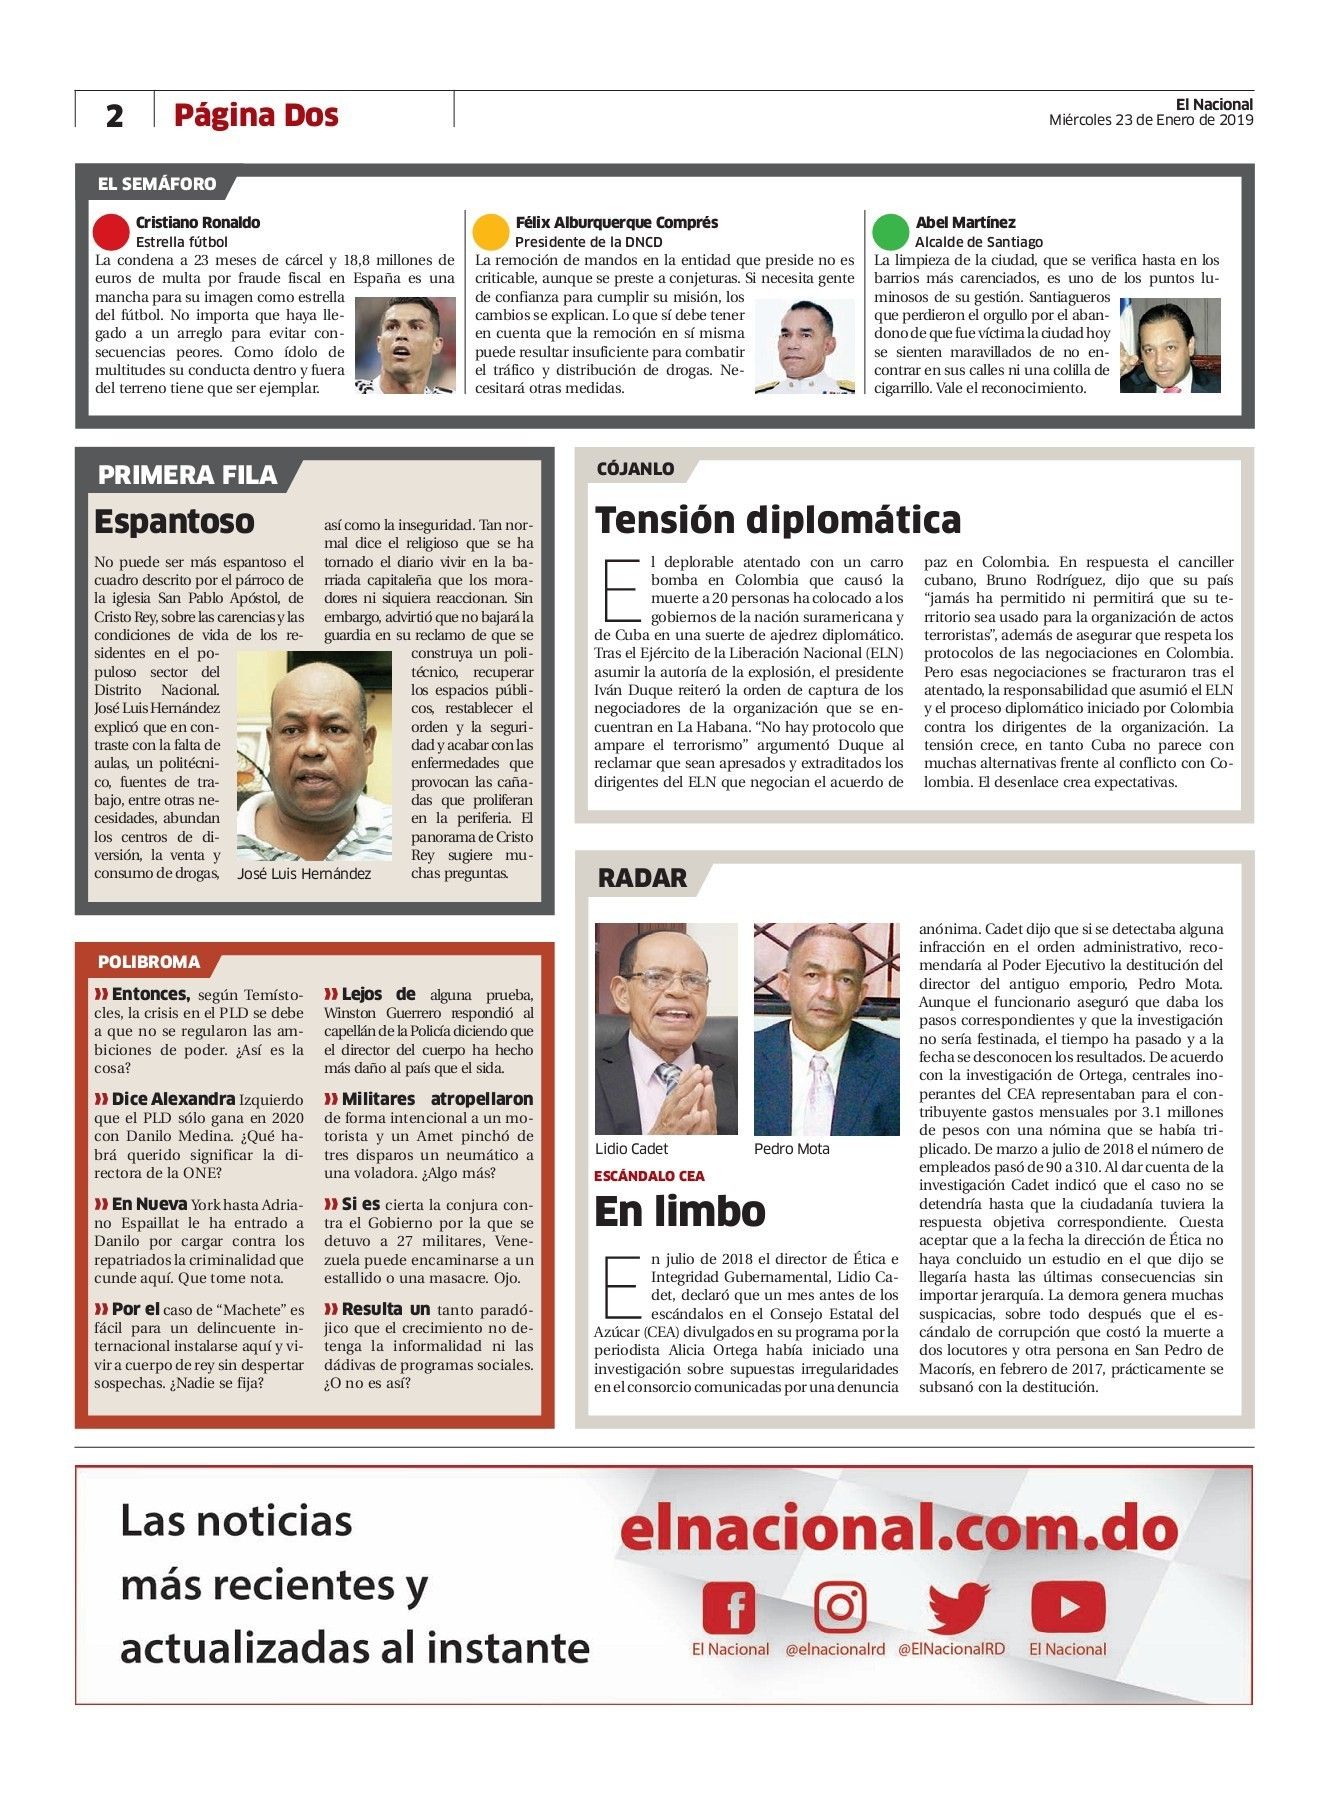 Calendario 2019 Mexico Con Semanas Cotizadas En Más Actual Impreso 23 Ene 19 Pages 1 40 Text Version